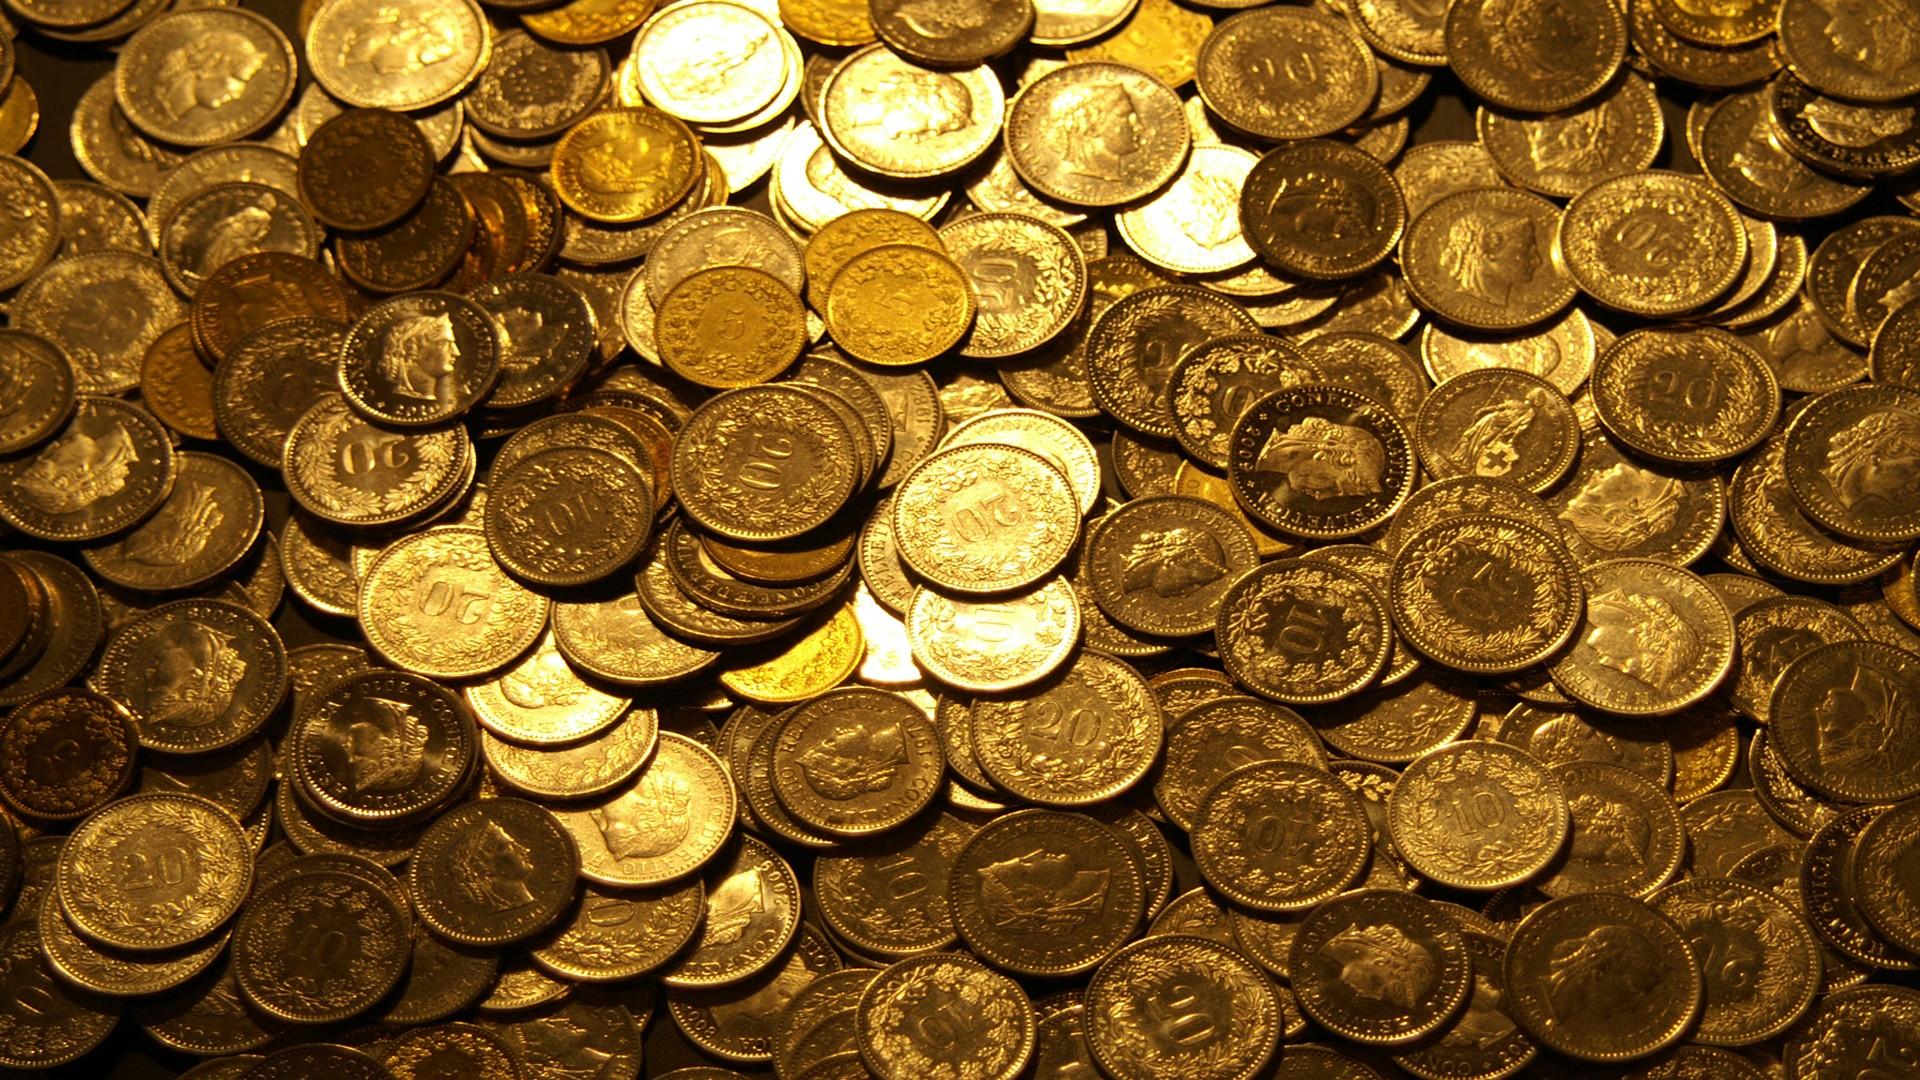 Coins Money Wallpaper 1920x1080